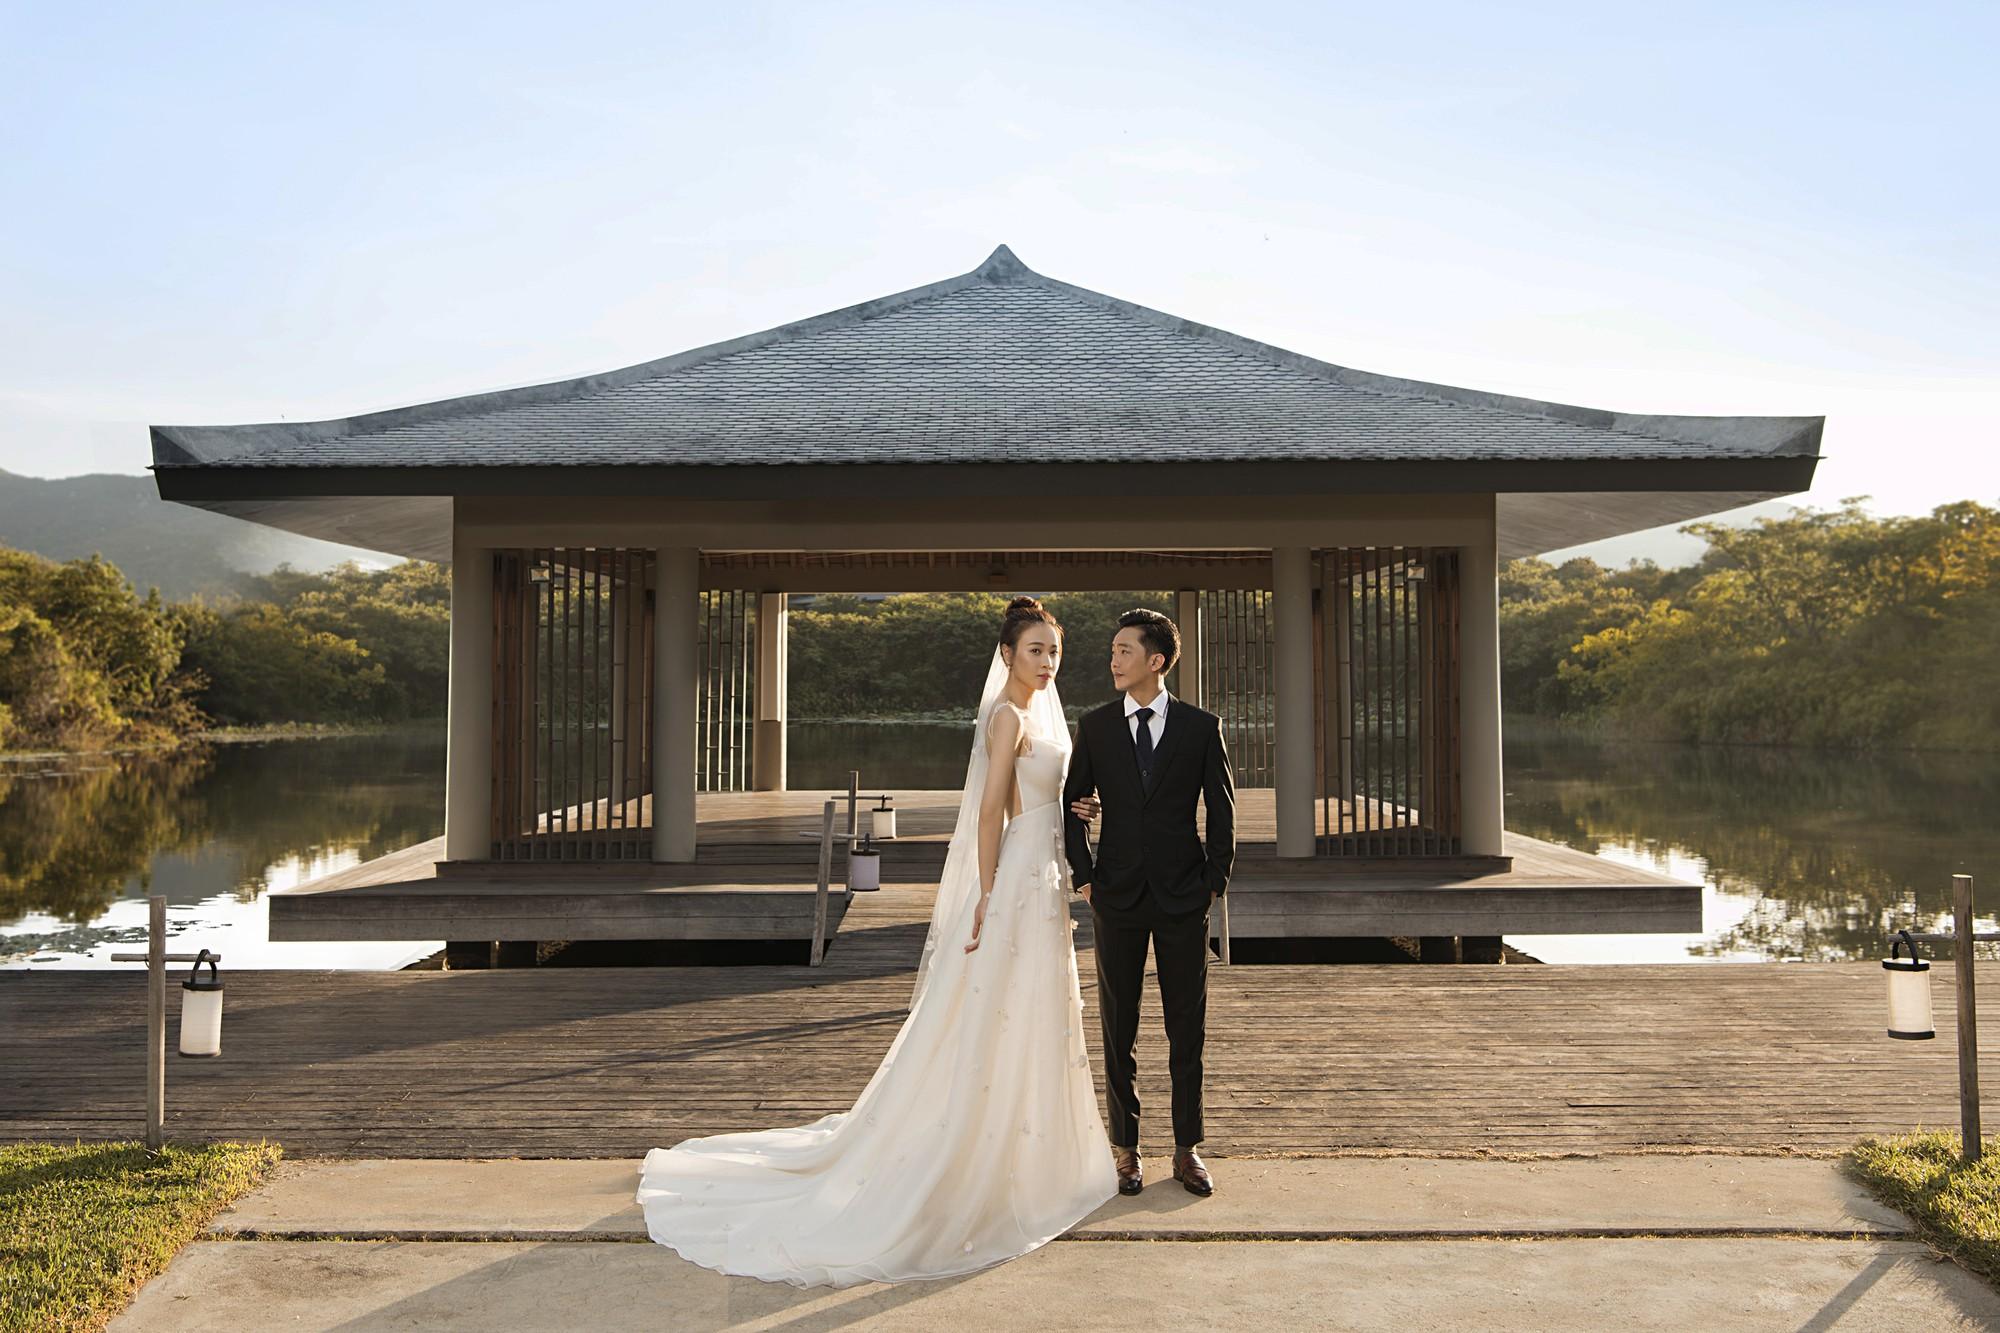 Hé lộ thêm ảnh cưới của Đàm Thu Trang và Cường Đô La trước ngày trọng đại: Quá ngọt, cô dâu thay tới 8 trang phục khác nhau - Ảnh 8.